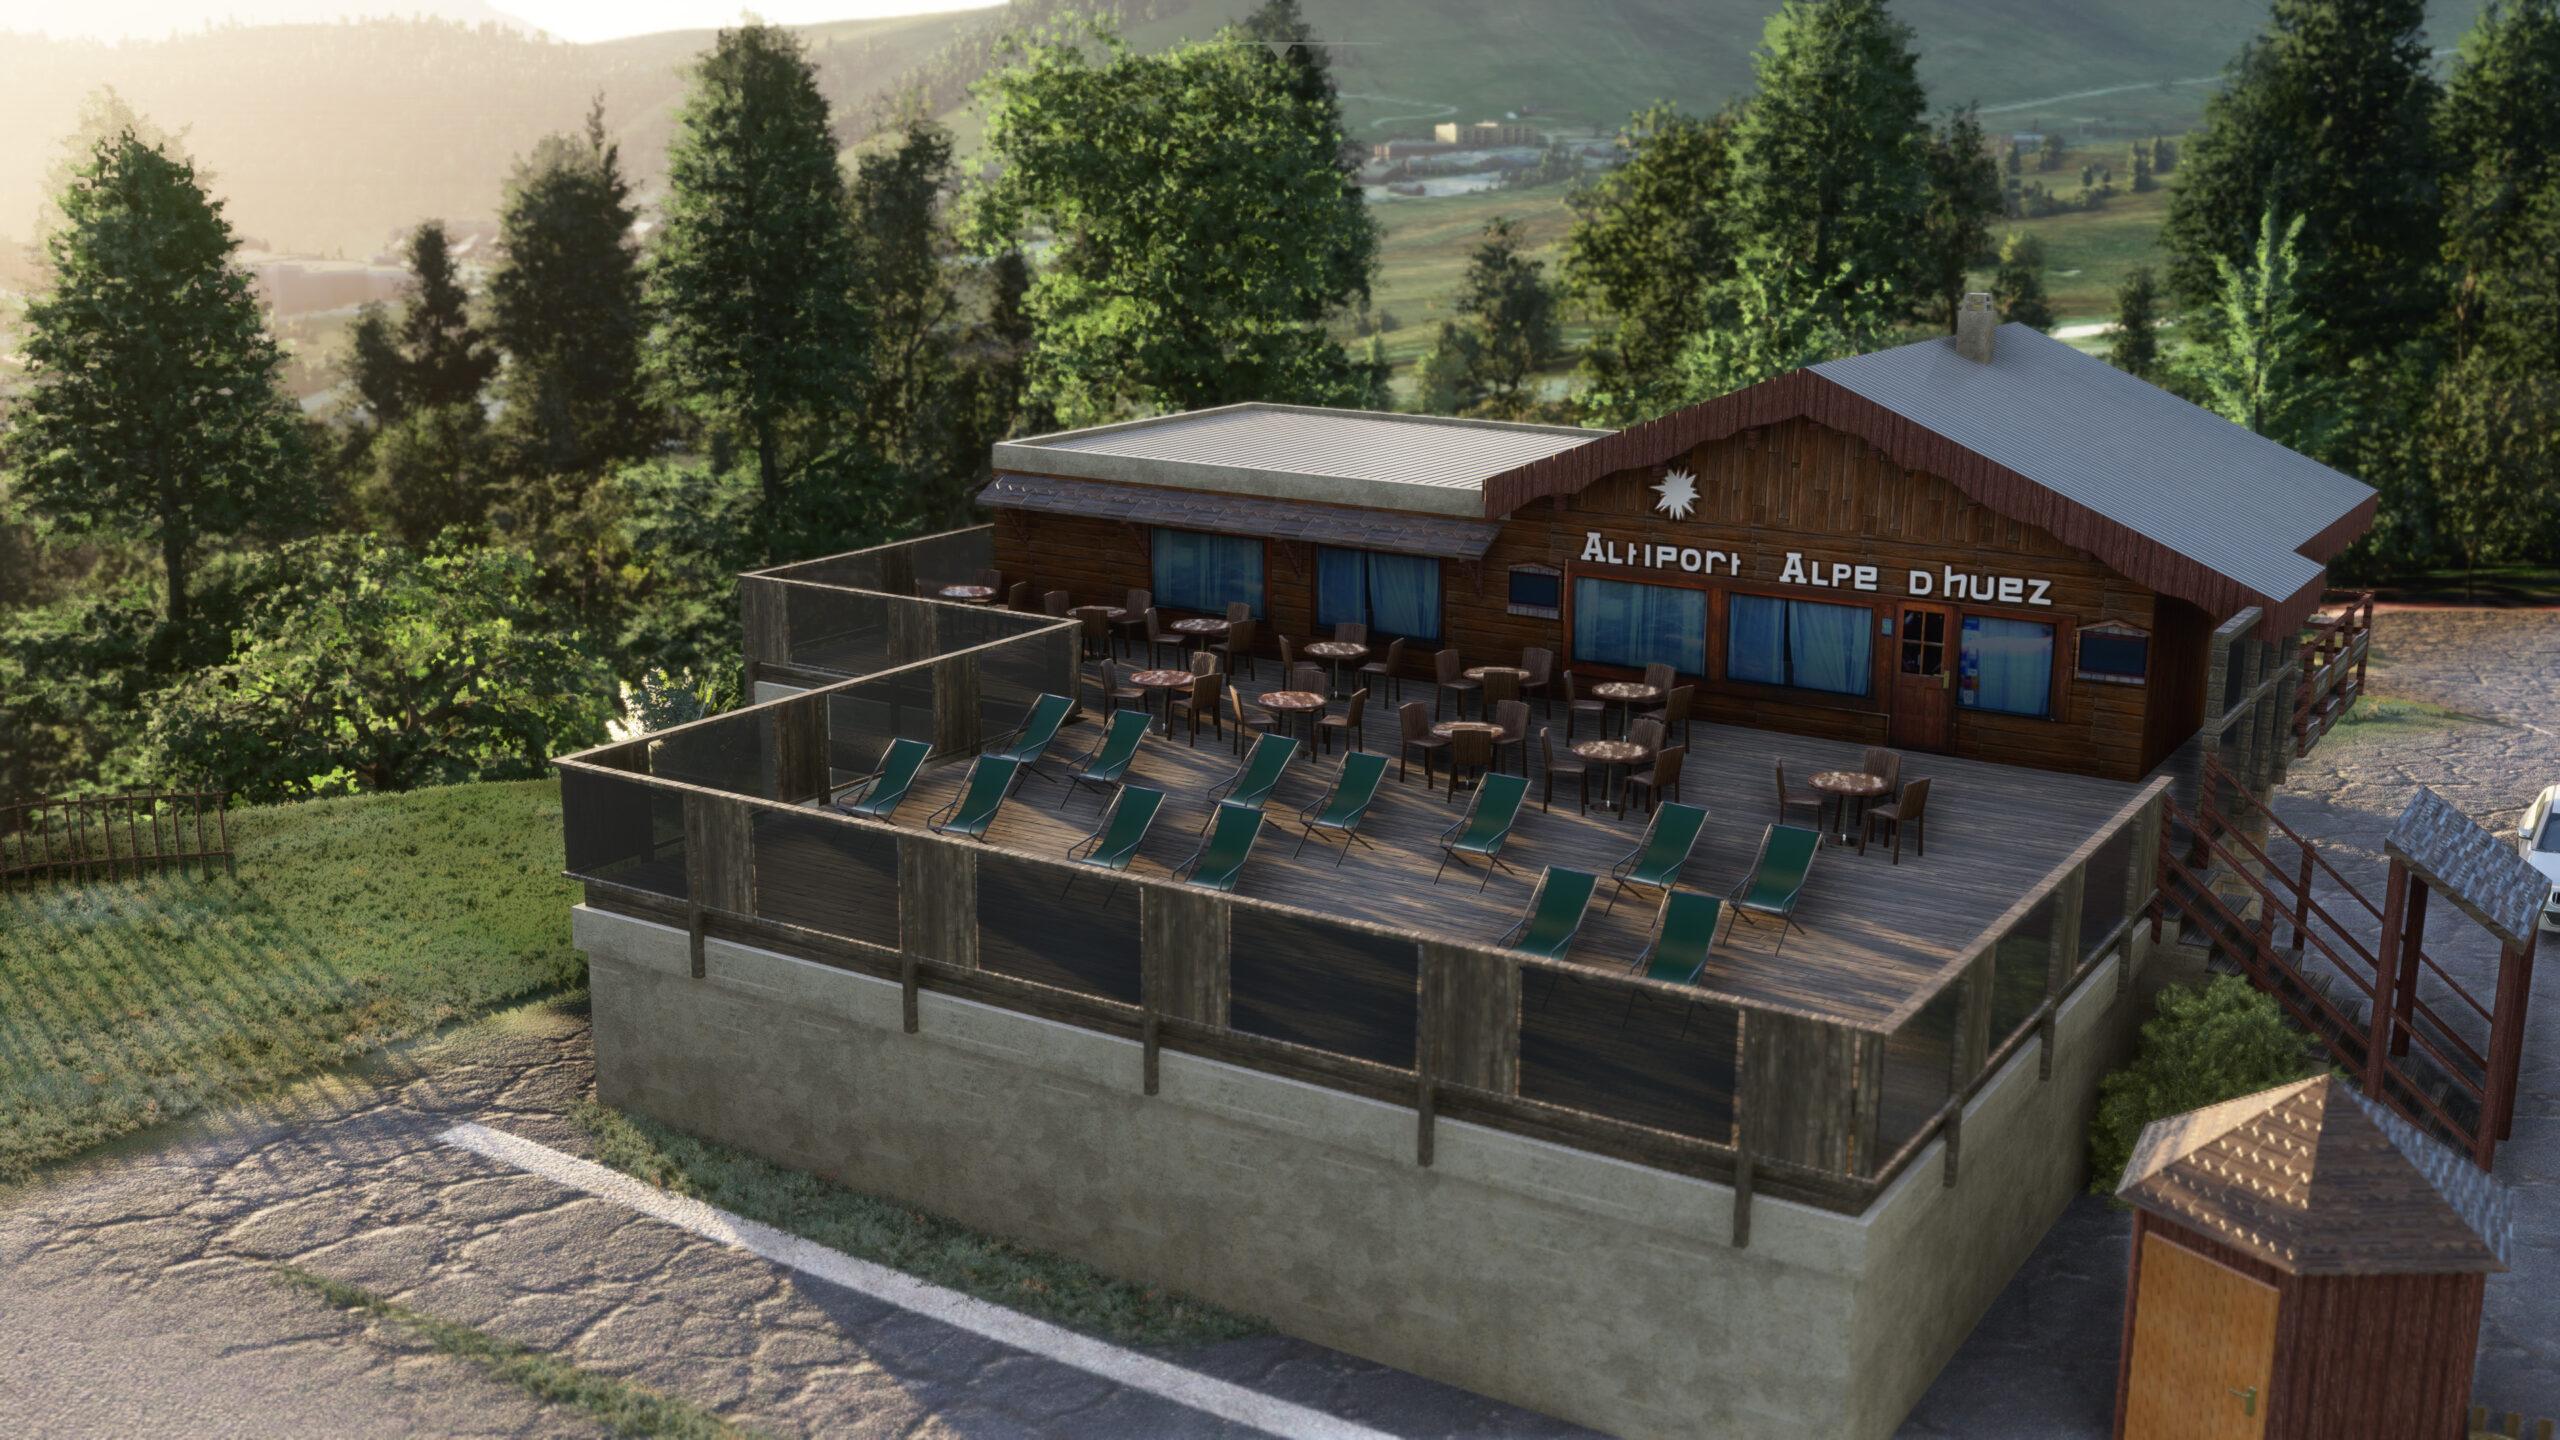 Altiport de l'Alpe d'Huez